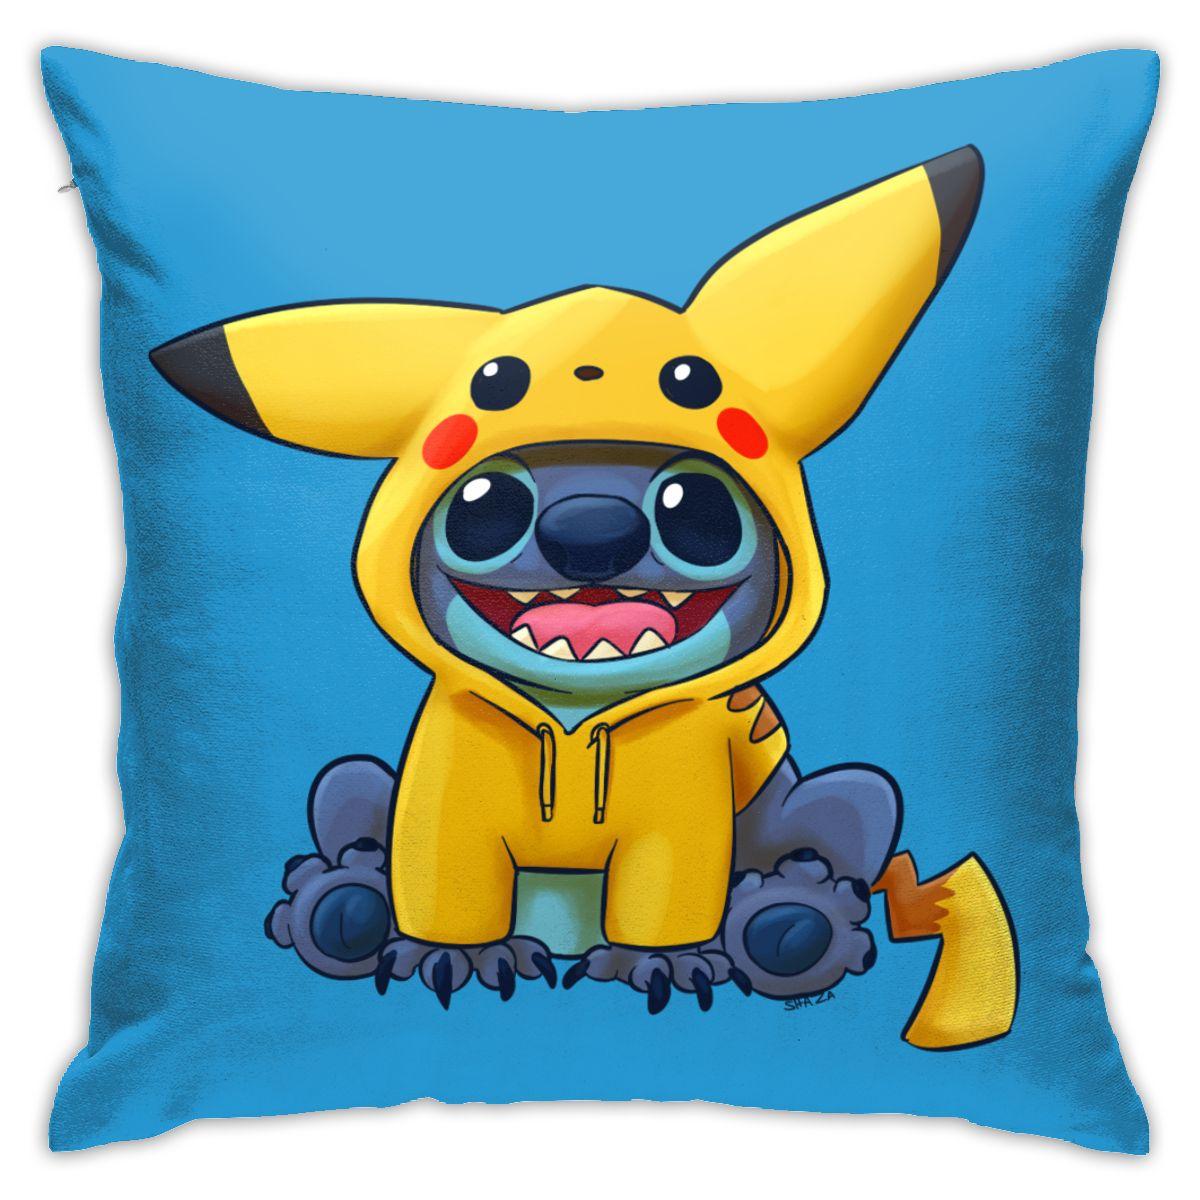 Чехол для подушки с рисунком стежка чехол для подушки милый Стич аниме винтажный декоративный чехол для подушки Чехол для дивана стула поду... чехол